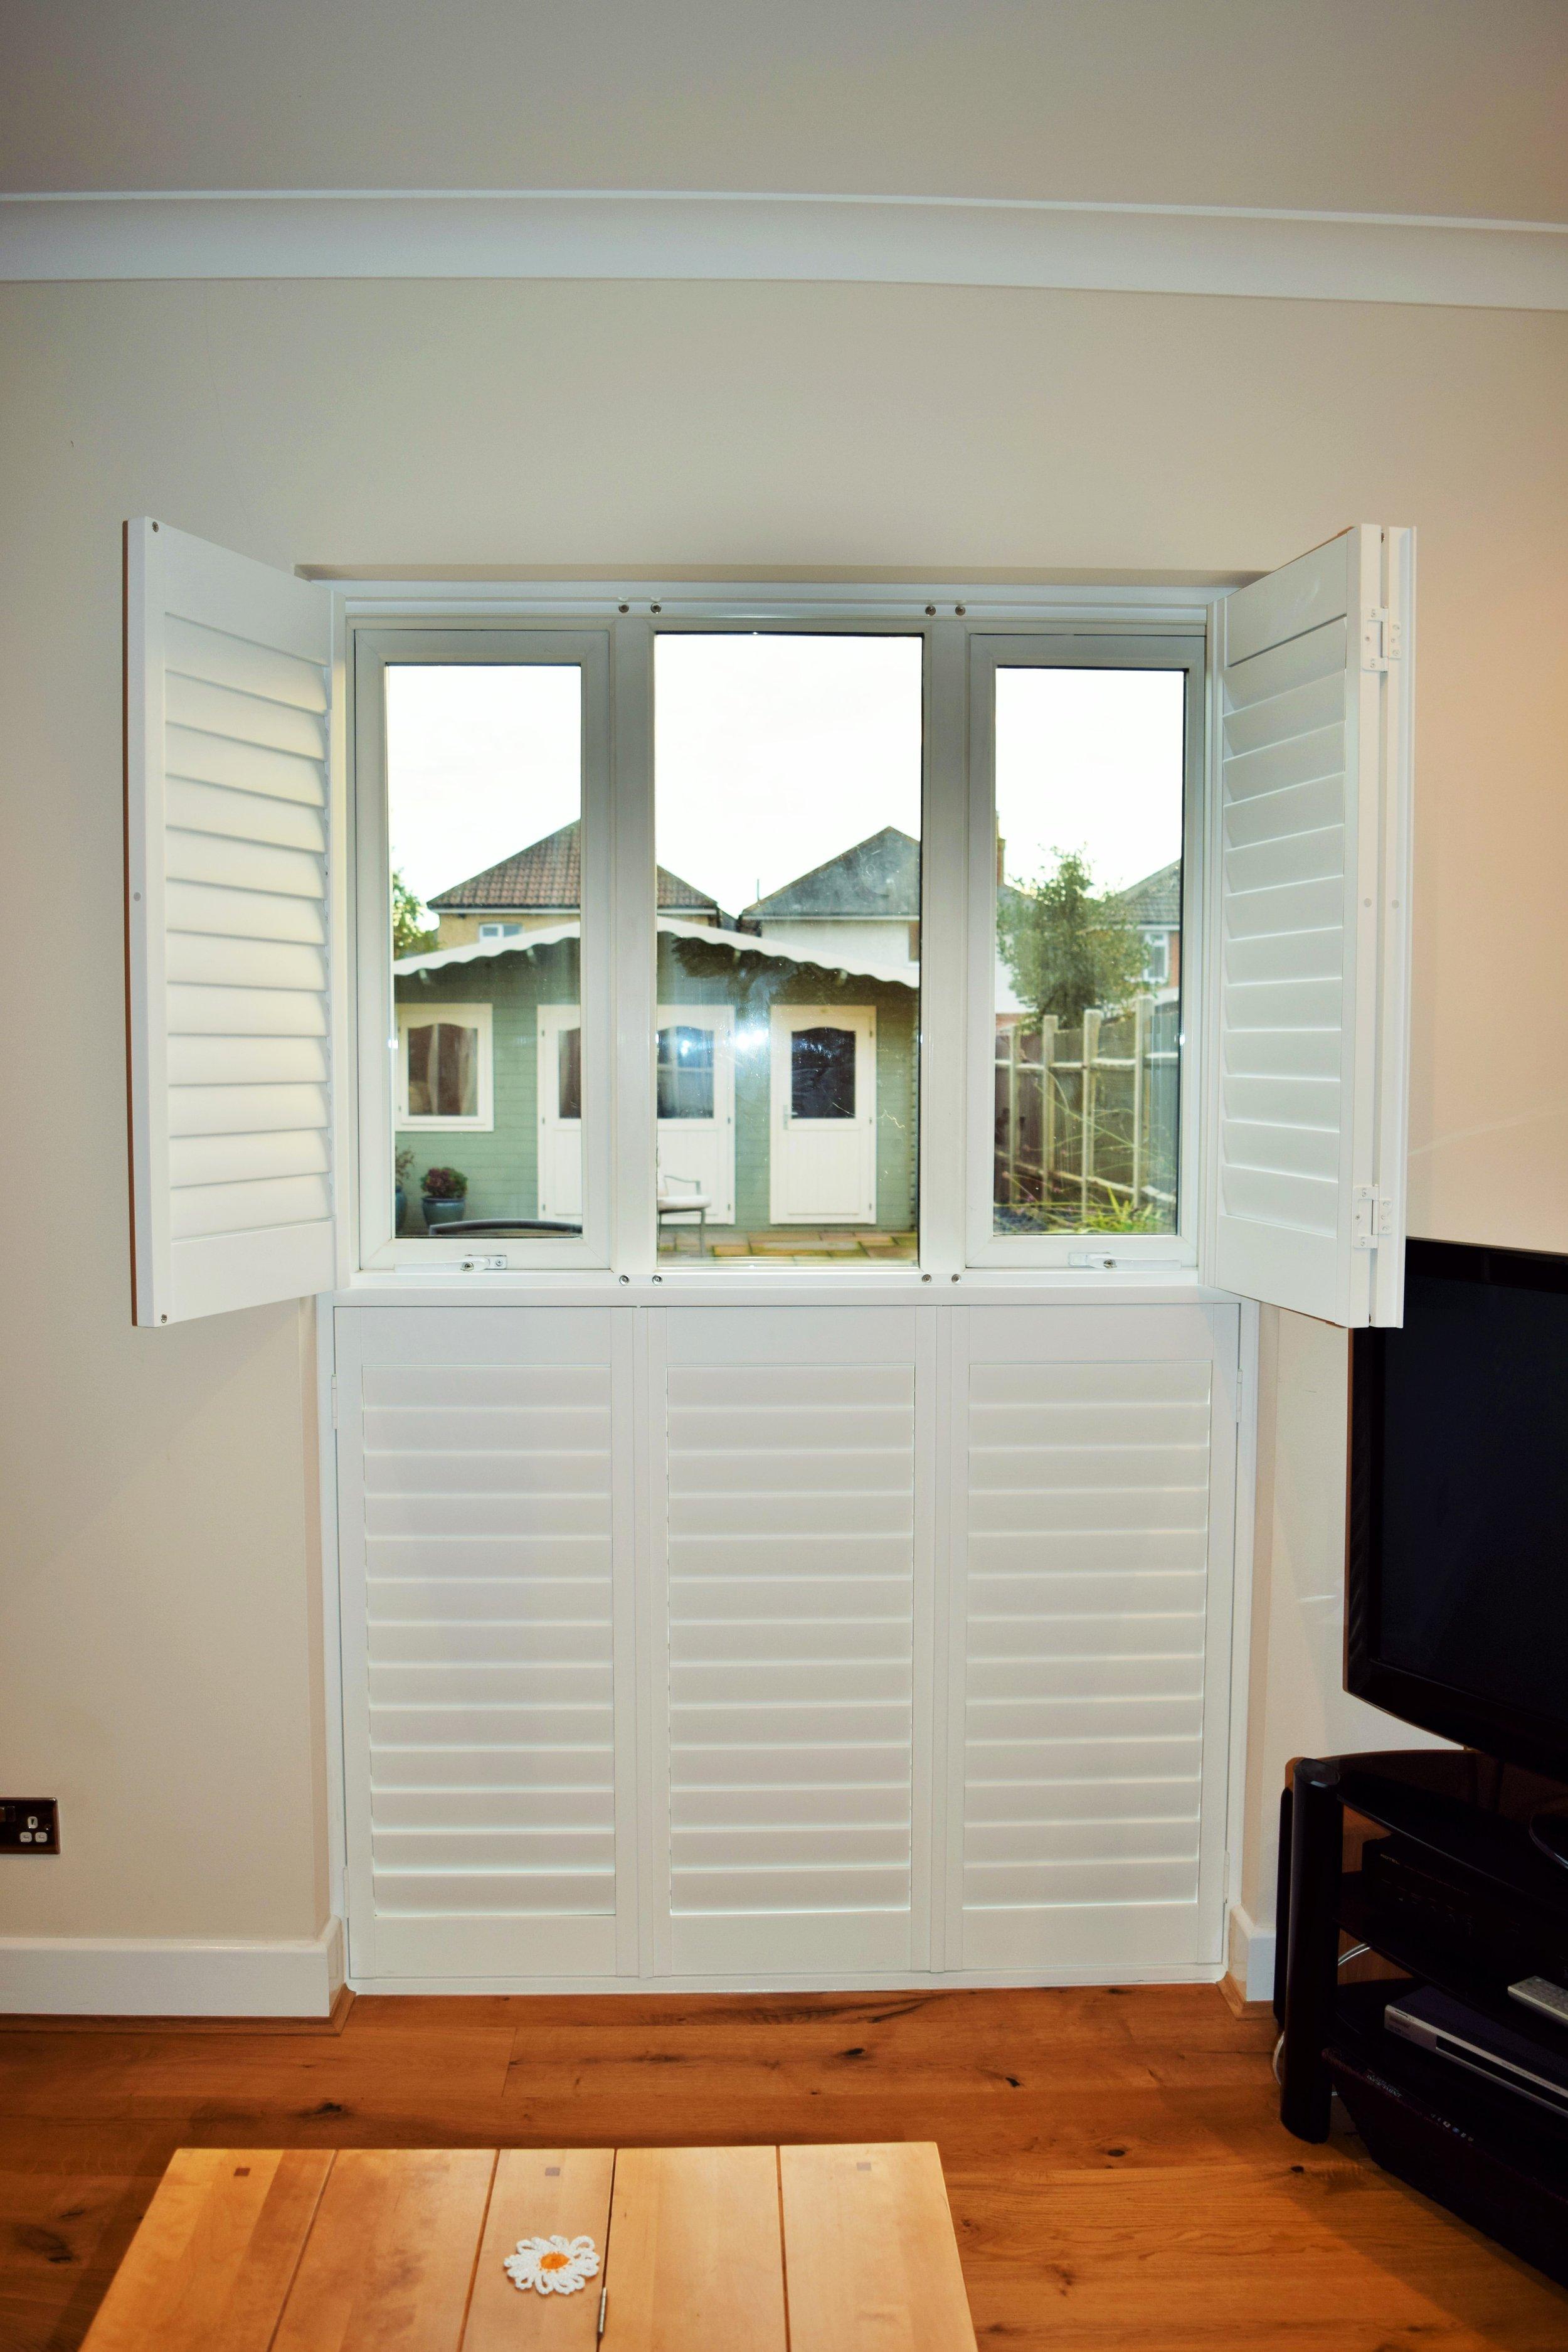 Tier on tier patio door shutters Bournemouth